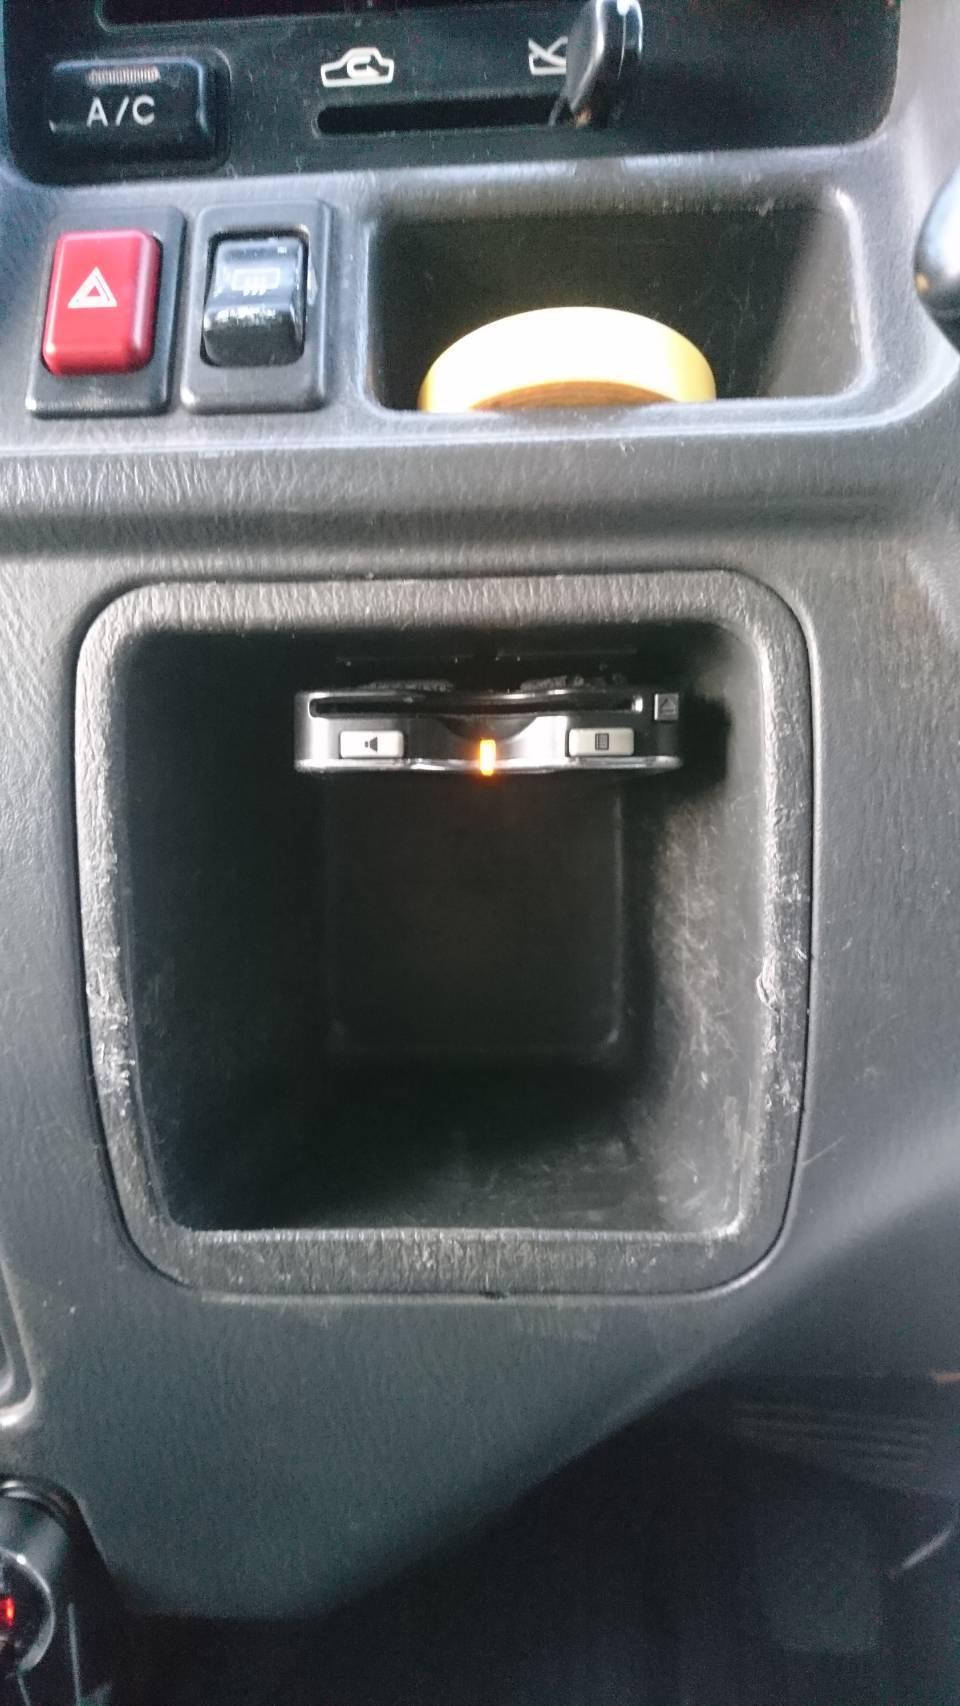 随分前から車載器は何台も転がってたんですが、自分のクルマとなると、まぁ後回し後回し… で数年<br /> <br /> 先日、あ、ココに付けたらベストじゃね??<br /> って突然ひらめいたので、急遽付けました。<br /> <br /> ポケット奥に穴を開けて配線は裏に逃がしました。<br /> <br /> 収納スペースもある程度生きるし、操作しやすいし、見やすいし、気に入りました。<br /> <br /> 後日、TT2にも付けたいと思います。<br /> <br /> 尚、来年2022年から電波法の改正で一部の旧い車載器は使用できなくなるそうなので、それに該当しないかどうかも最初に確認しました。